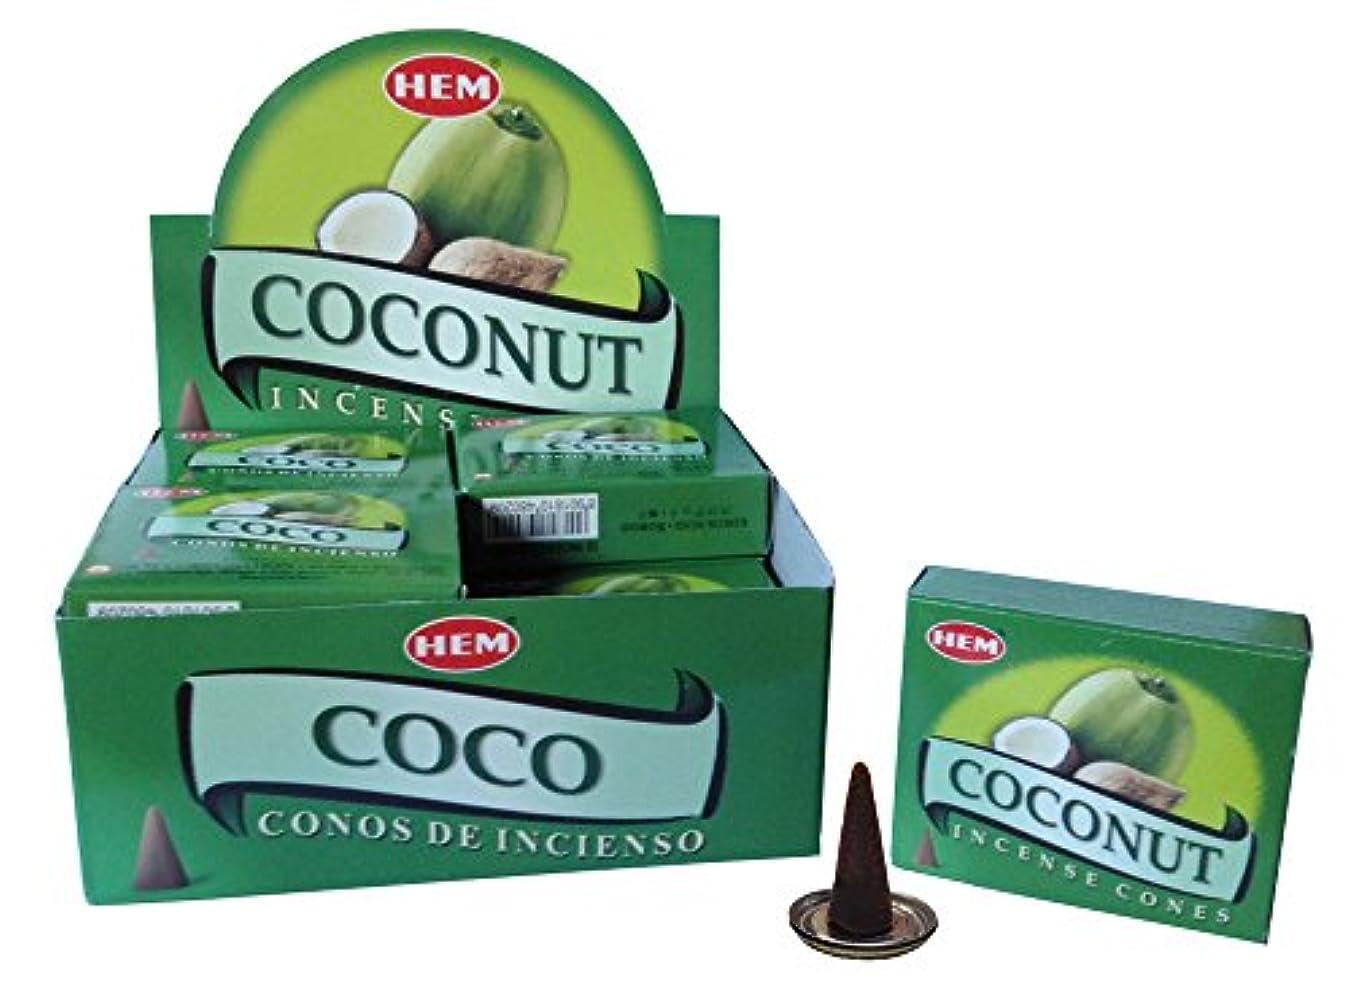 弾性へこみピクニックHEM ココナッツ コーン 12個セット